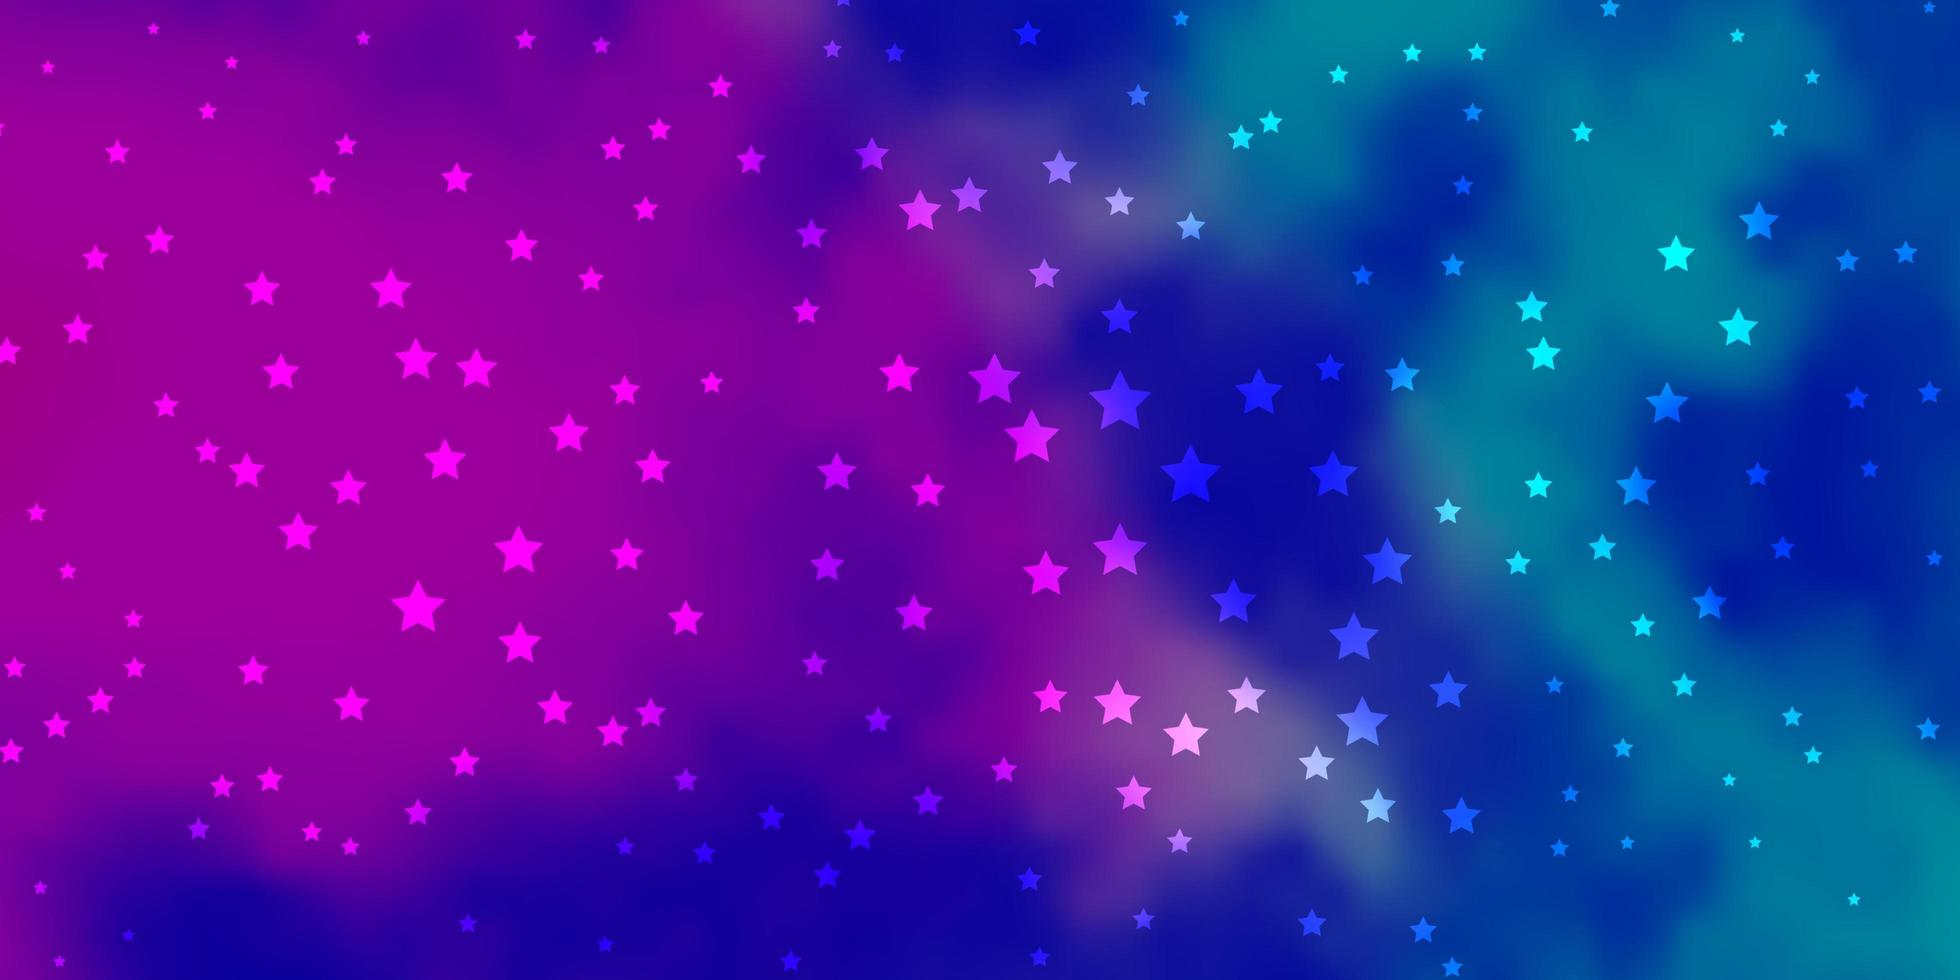 padrão de vetor rosa escuro, azul com estrelas abstratas.